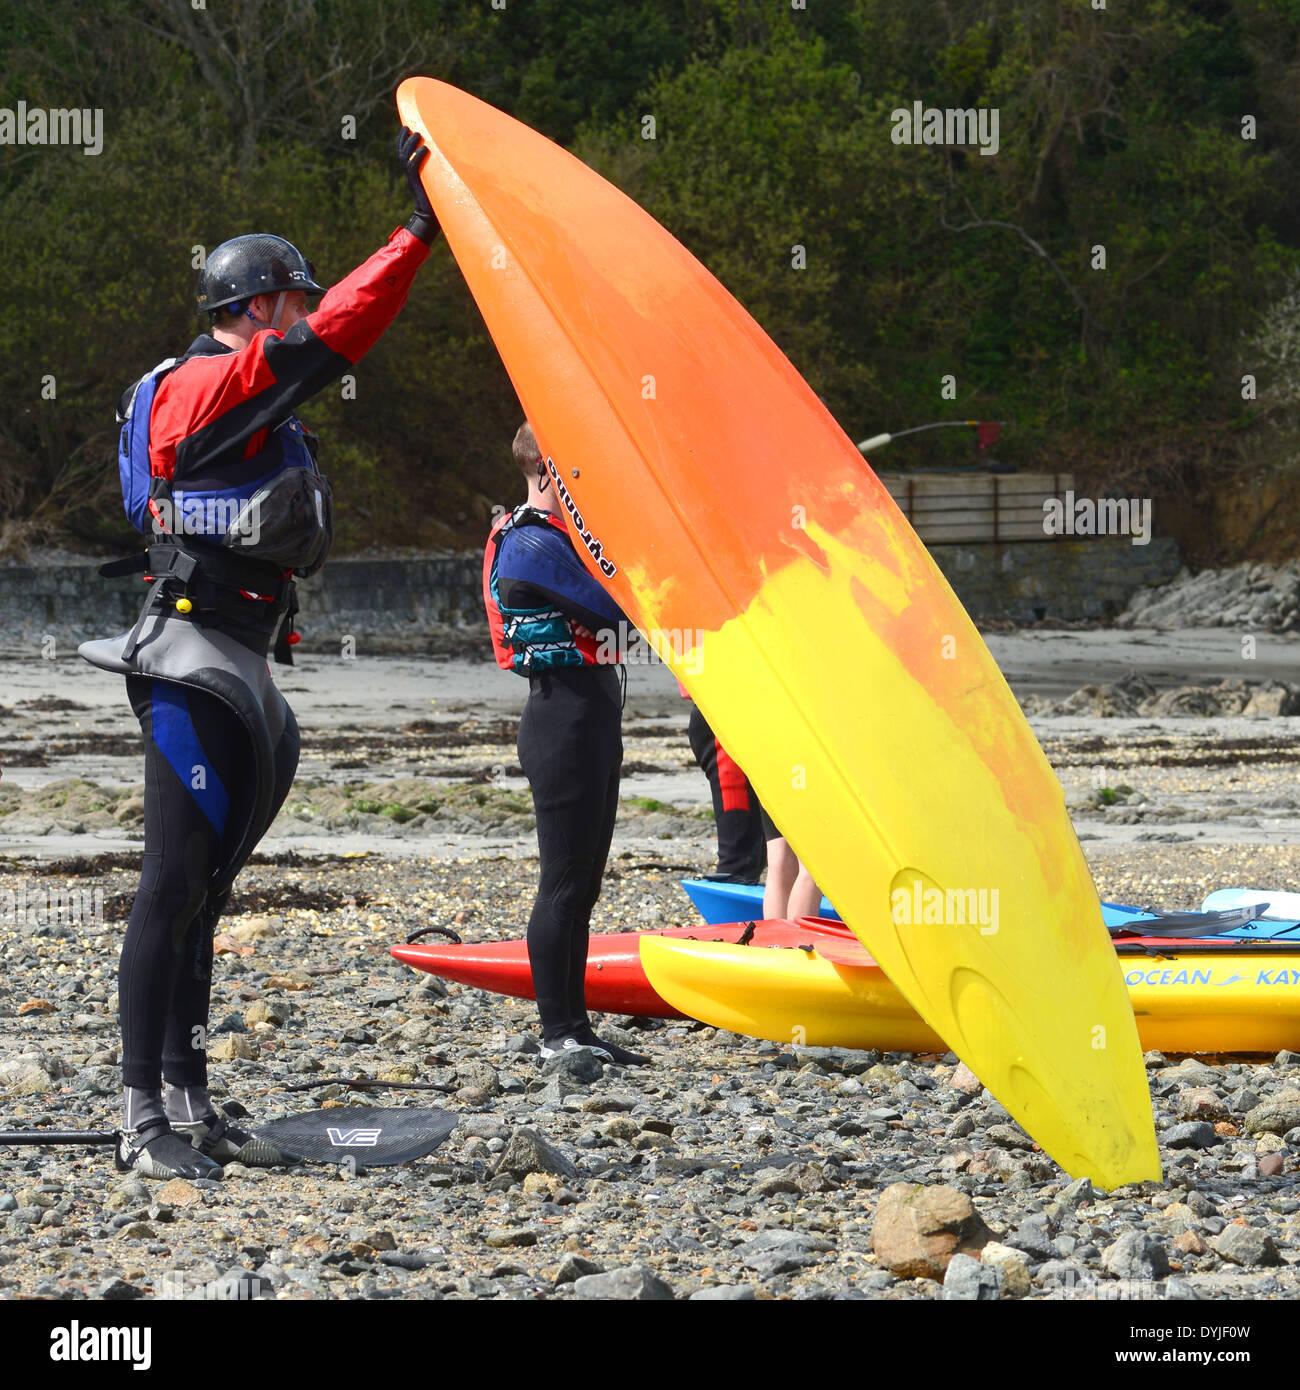 Man draining water out of kayak - Stock Image